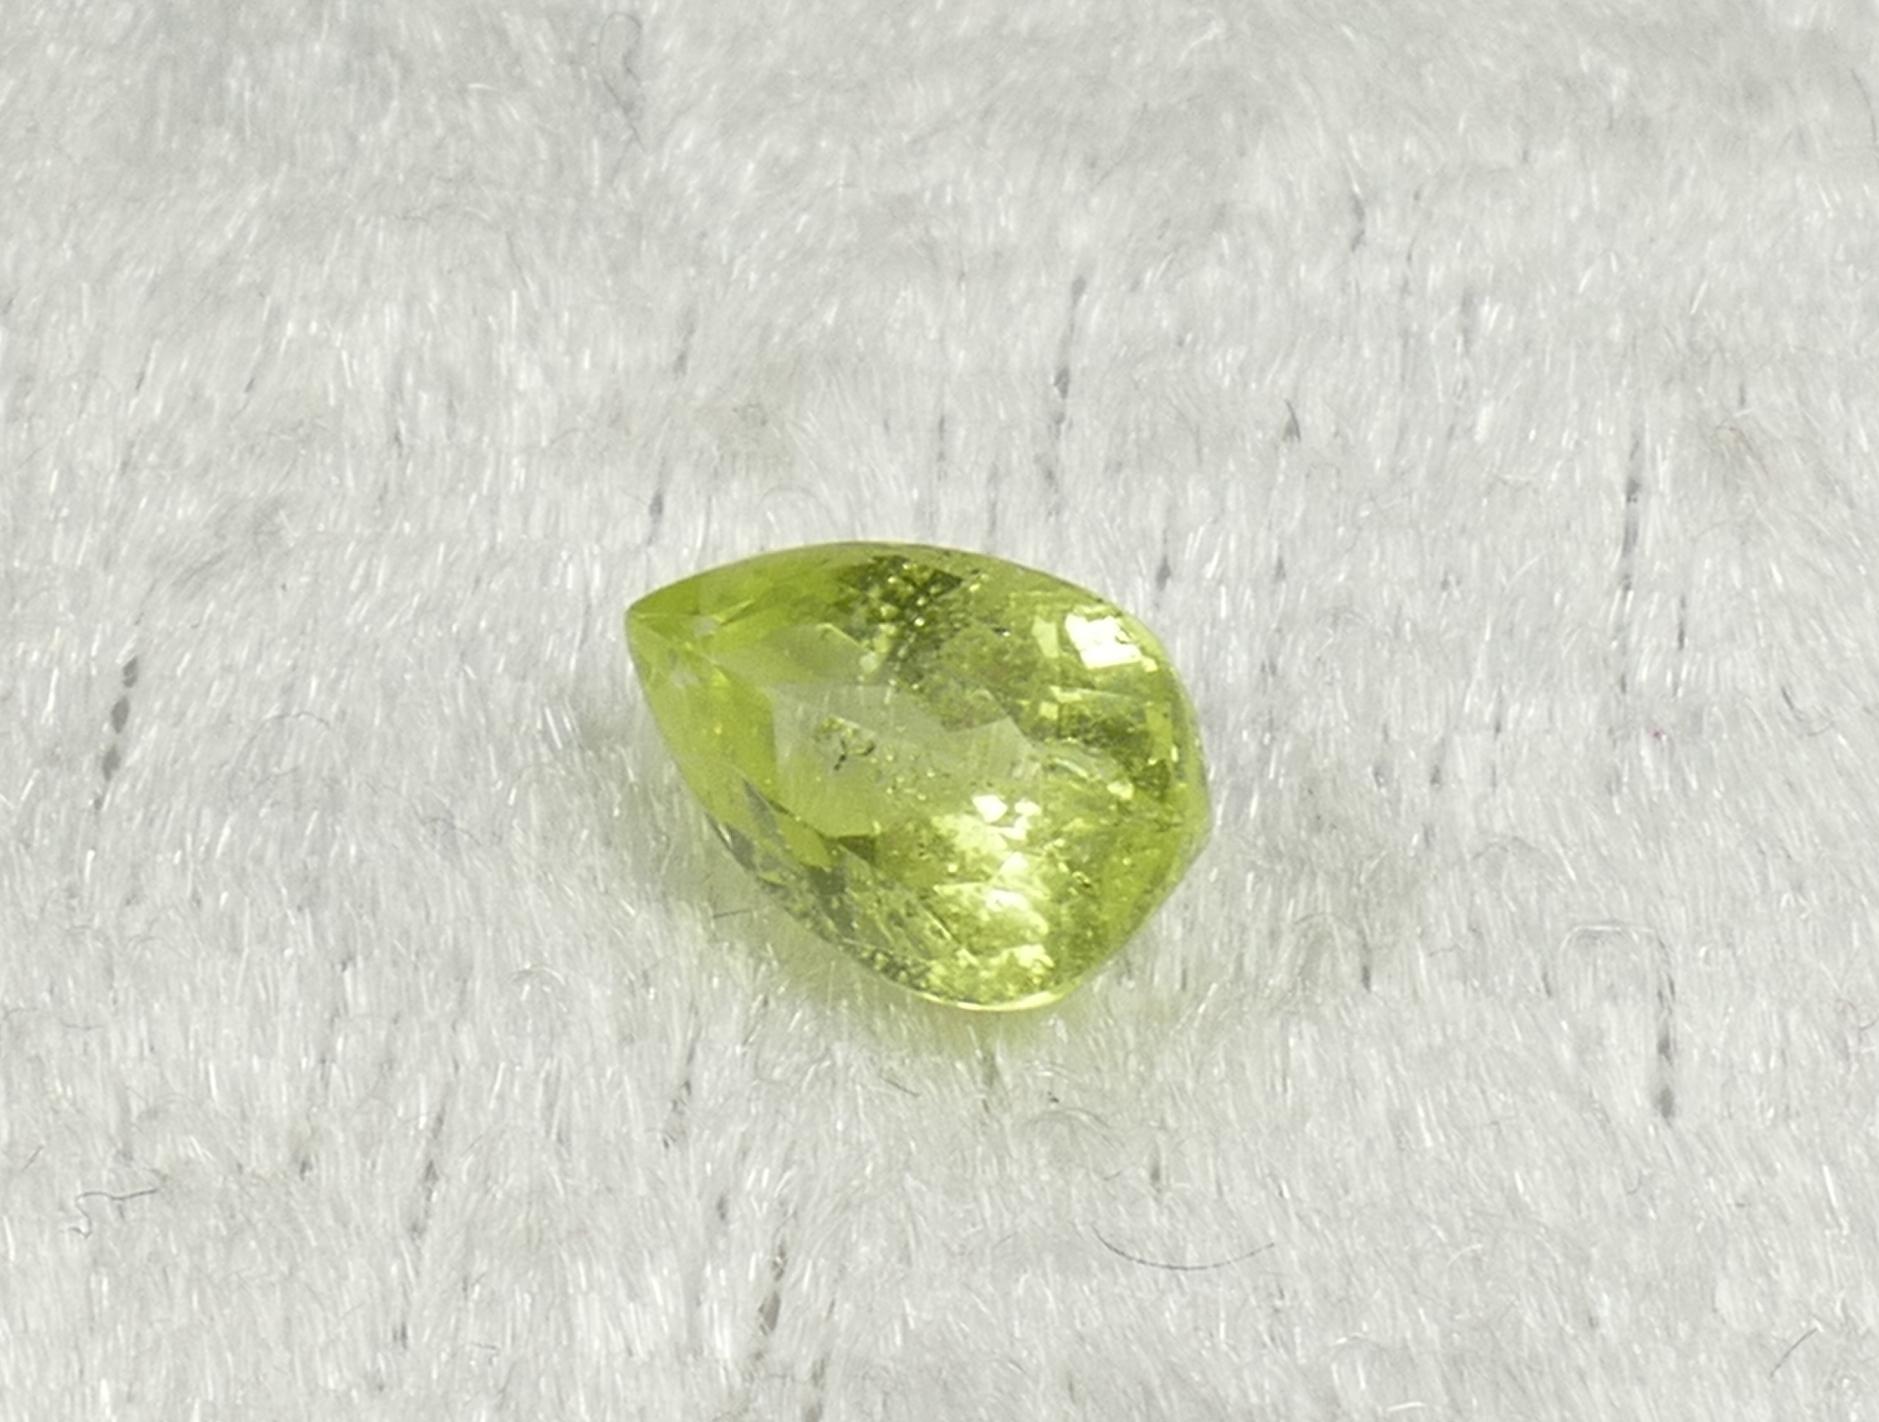 8.5x5.1mm Joli Chrysobéryl jaune vert entièrement naturelle taille poire 1.24ct Brésil (#PB906)